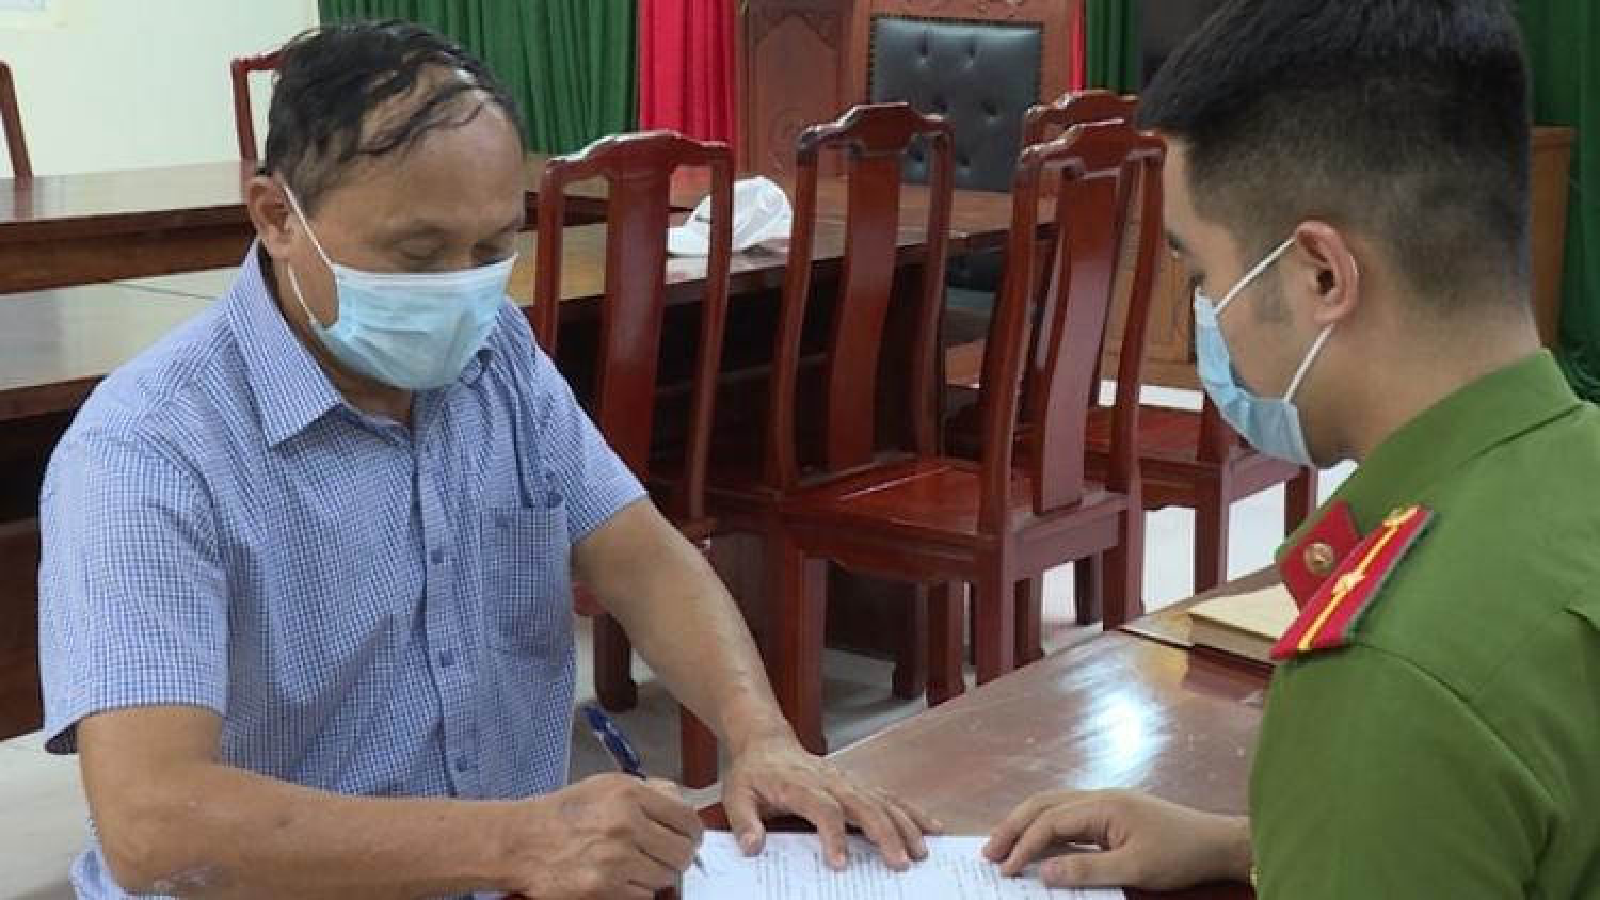 Giám đốc Công ty TNHH Oanh Bằng bị bắt khi đang tống tiền doanh nghiệp